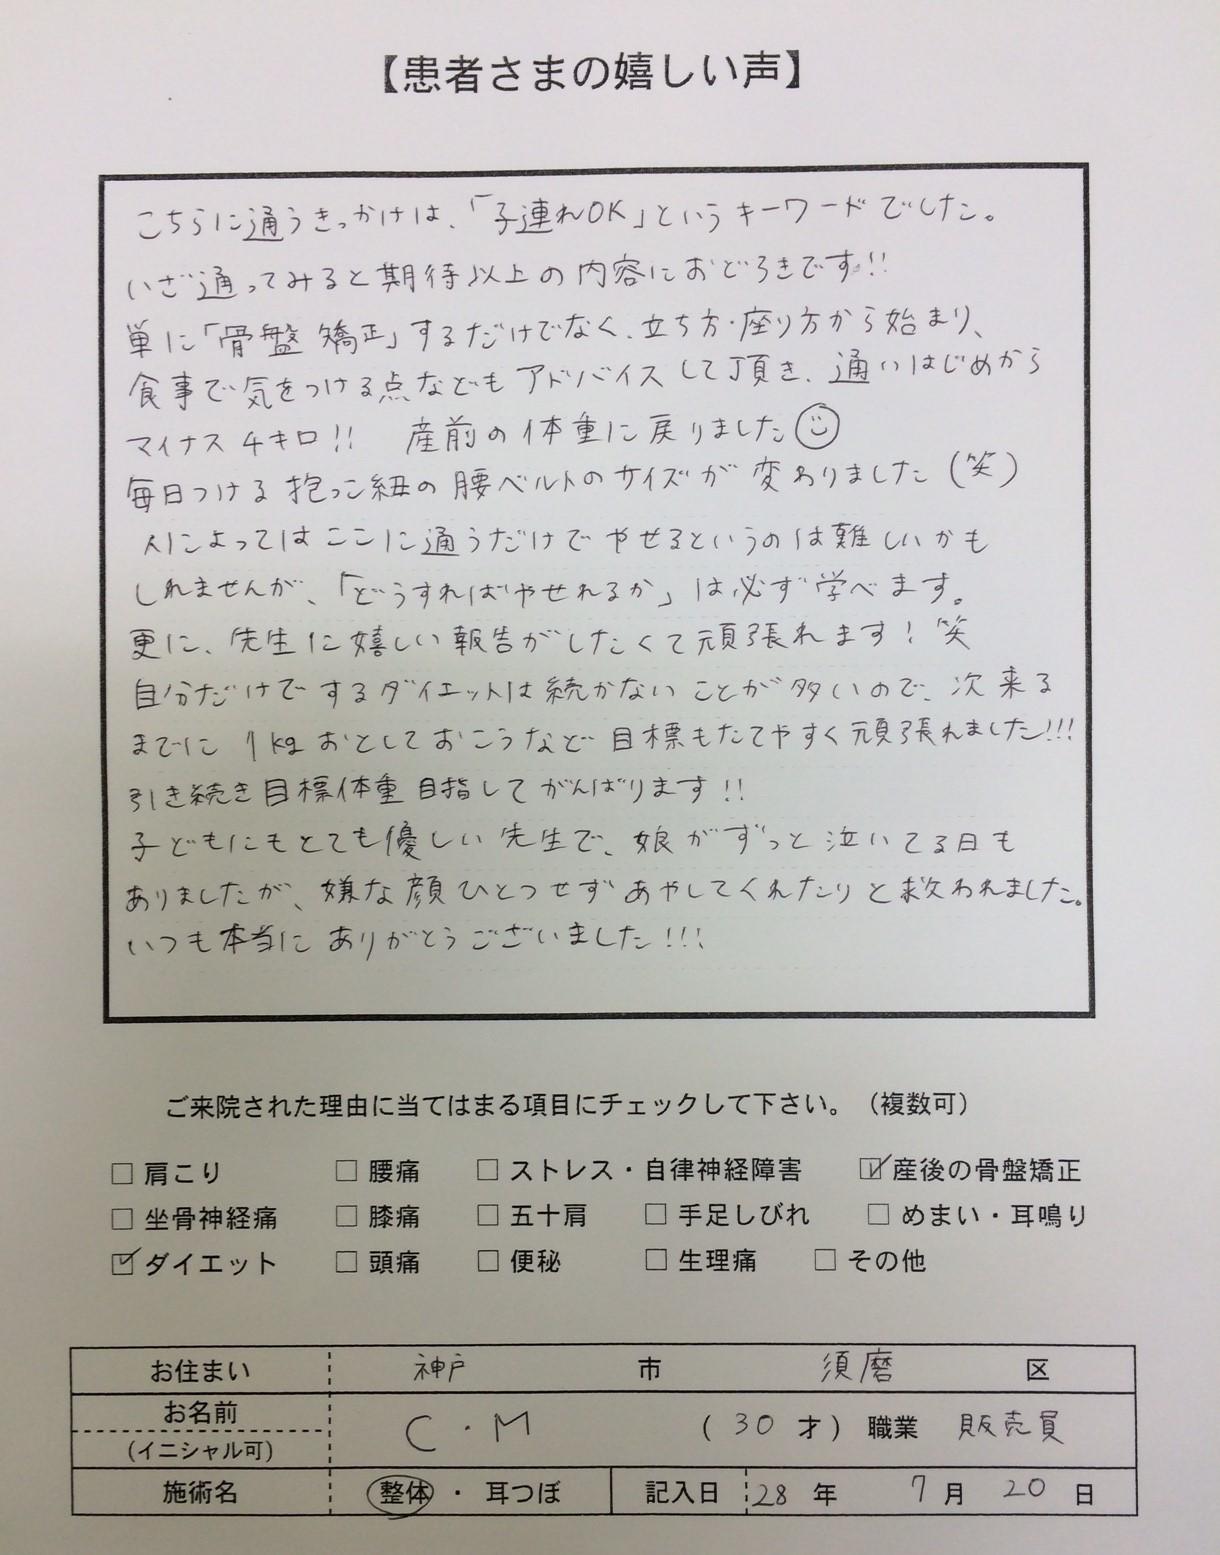 ⑥神戸市須磨区 C.M様 30才 販売員.jpg